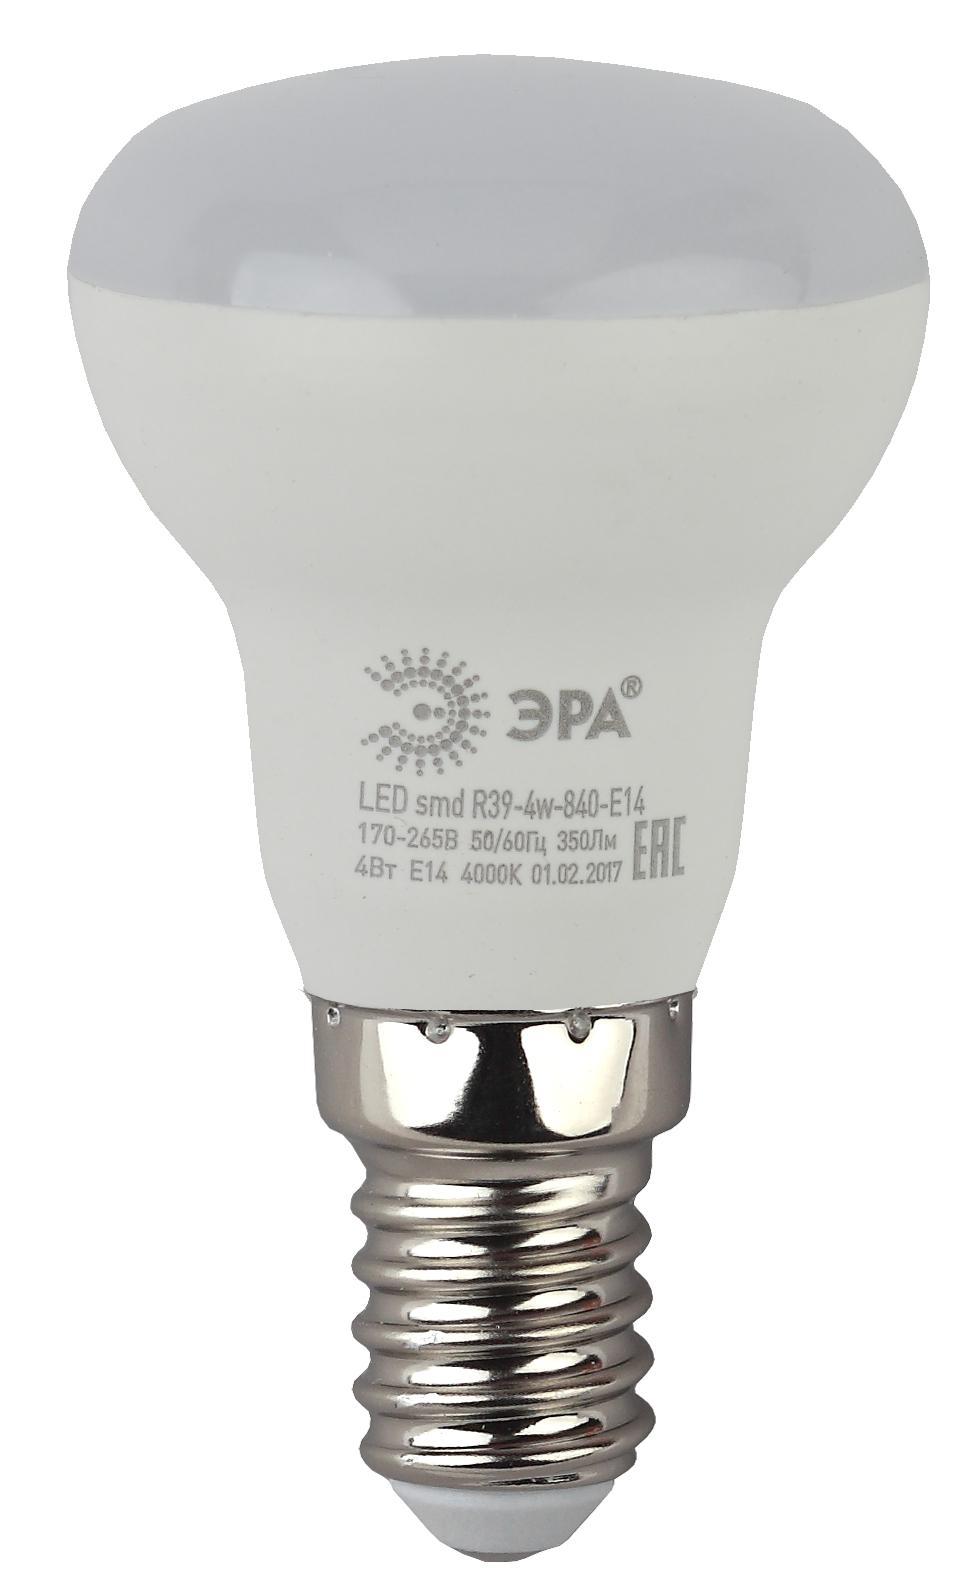 Лампа светодиодная ЭРА Led smd r39-4w-840-e14 лампа светодиодная эра led smd bxs 7w 840 e14 clear